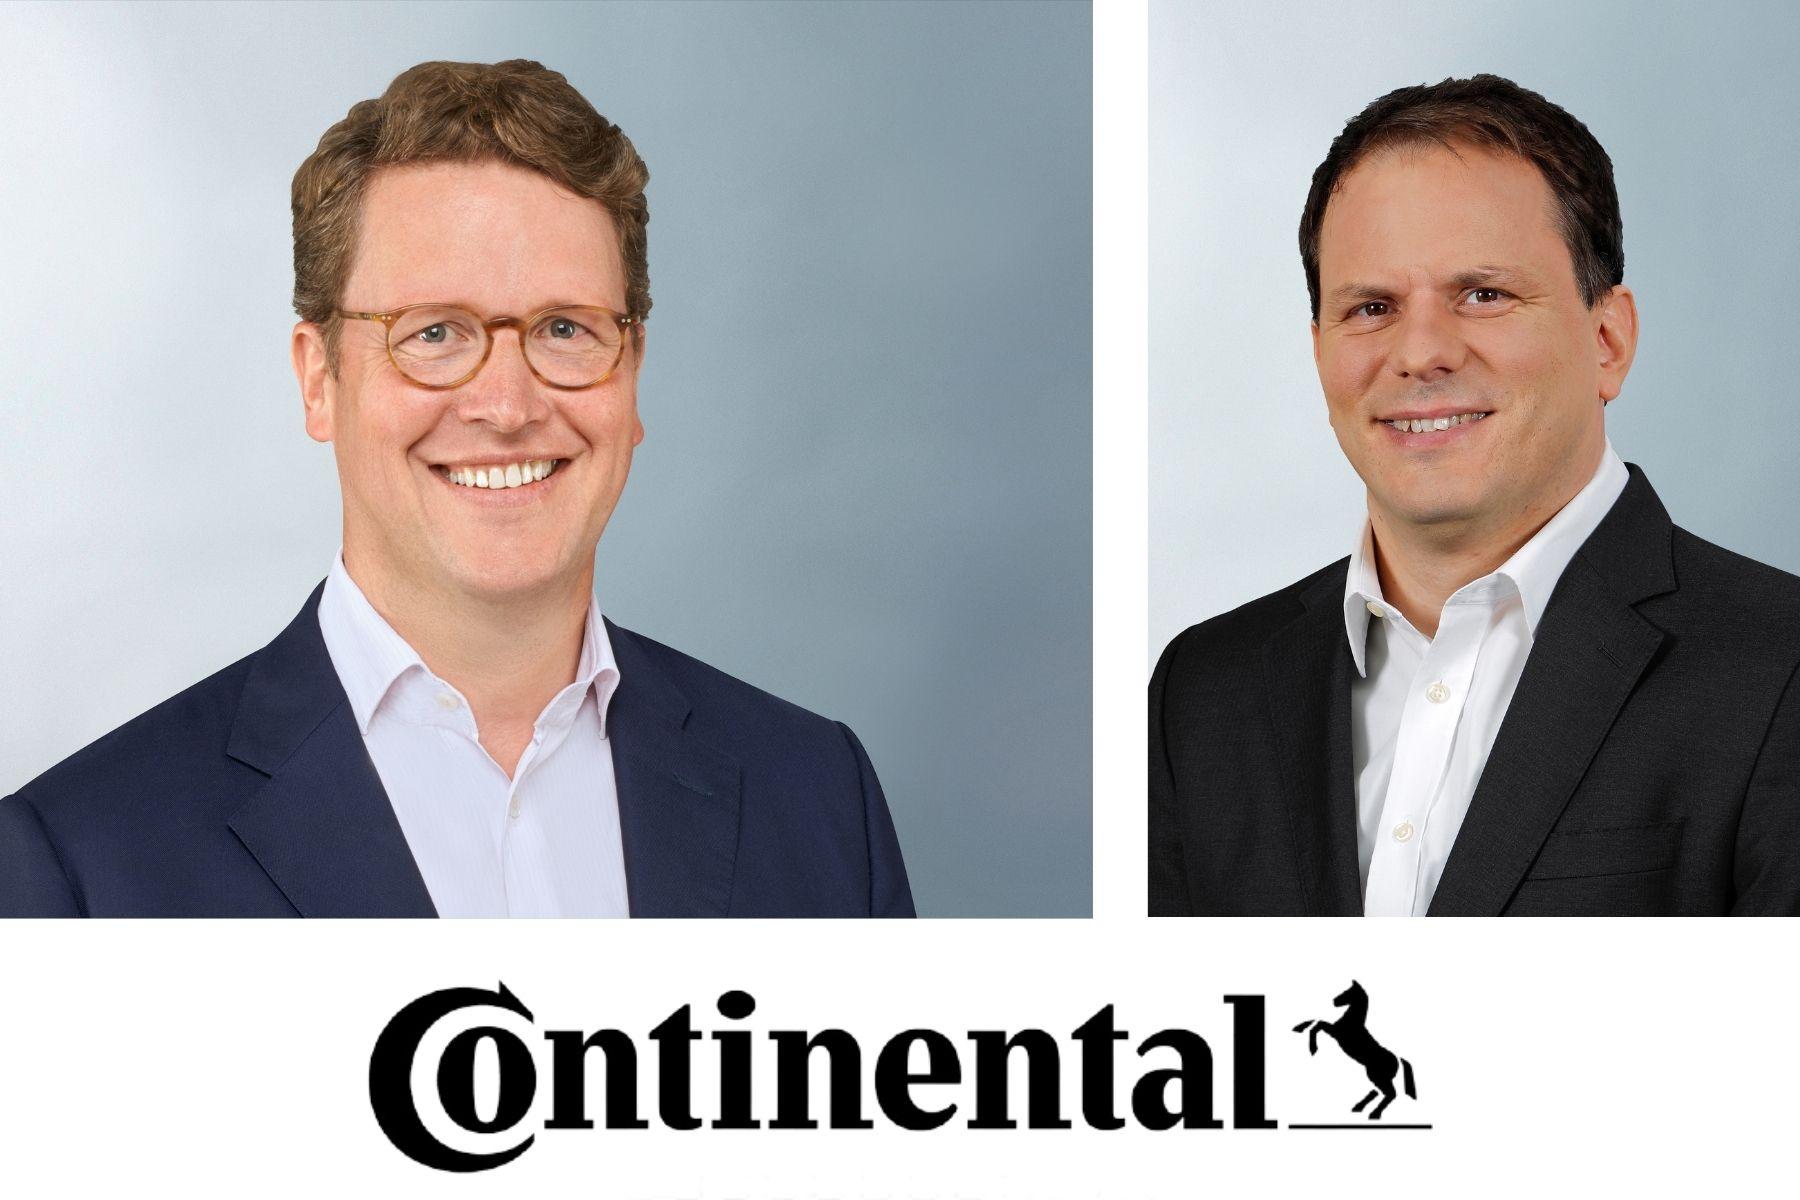 Continental auf Wachstumskurs